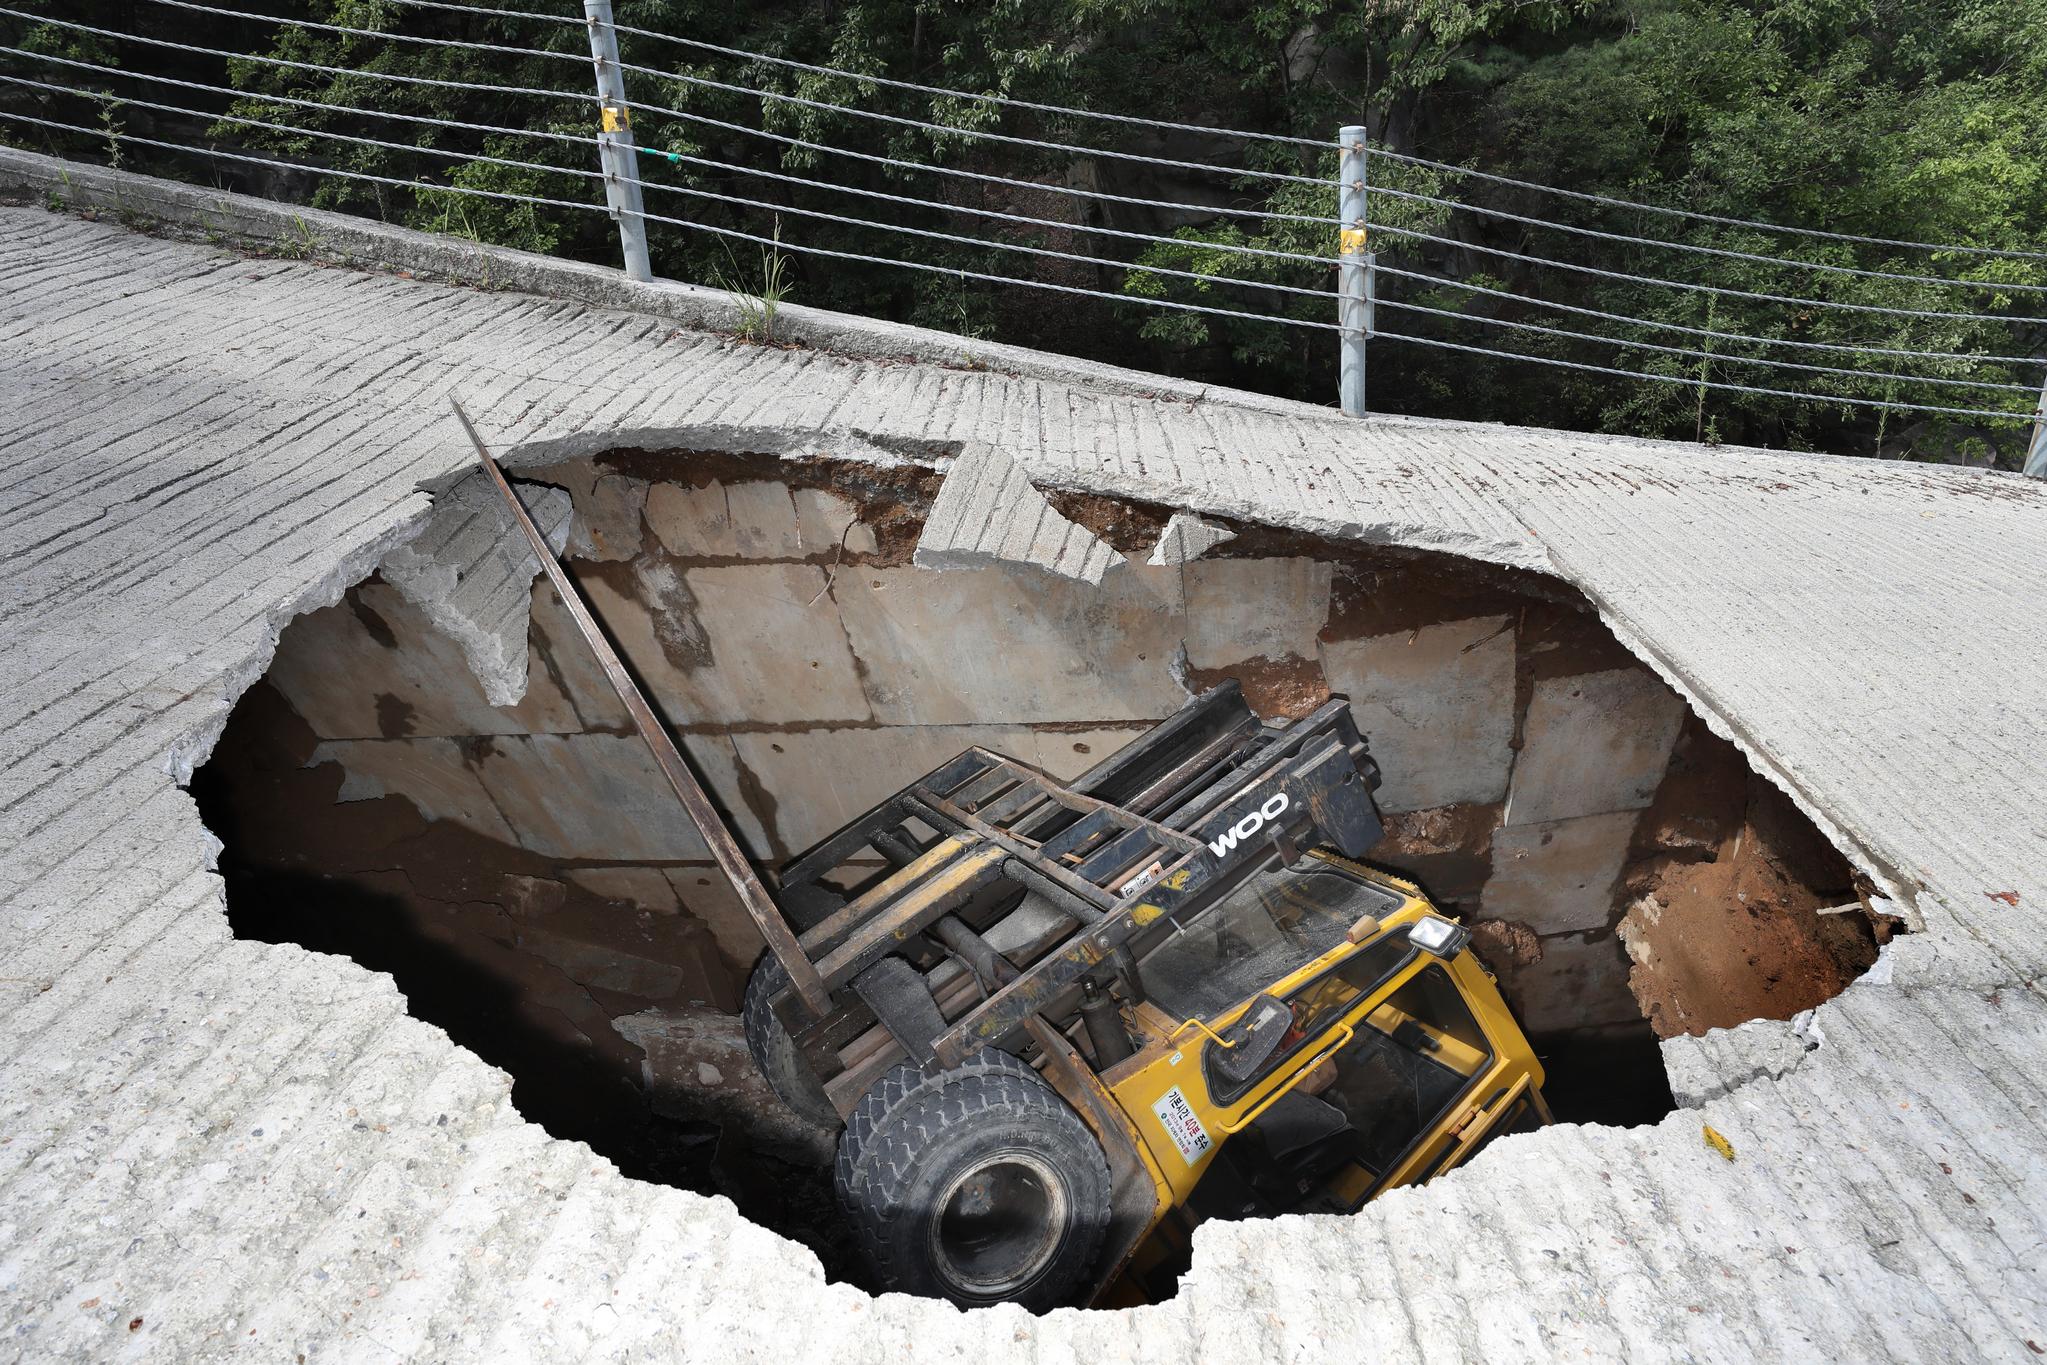 5일 경기도 의정부시 사패산 회룡사 입구에서 가로 세로 5m, 깊이 5m 크기의 땅꺼짐이 생겨 운행 중이던 지게차가 빠져 있다. [연합뉴스]